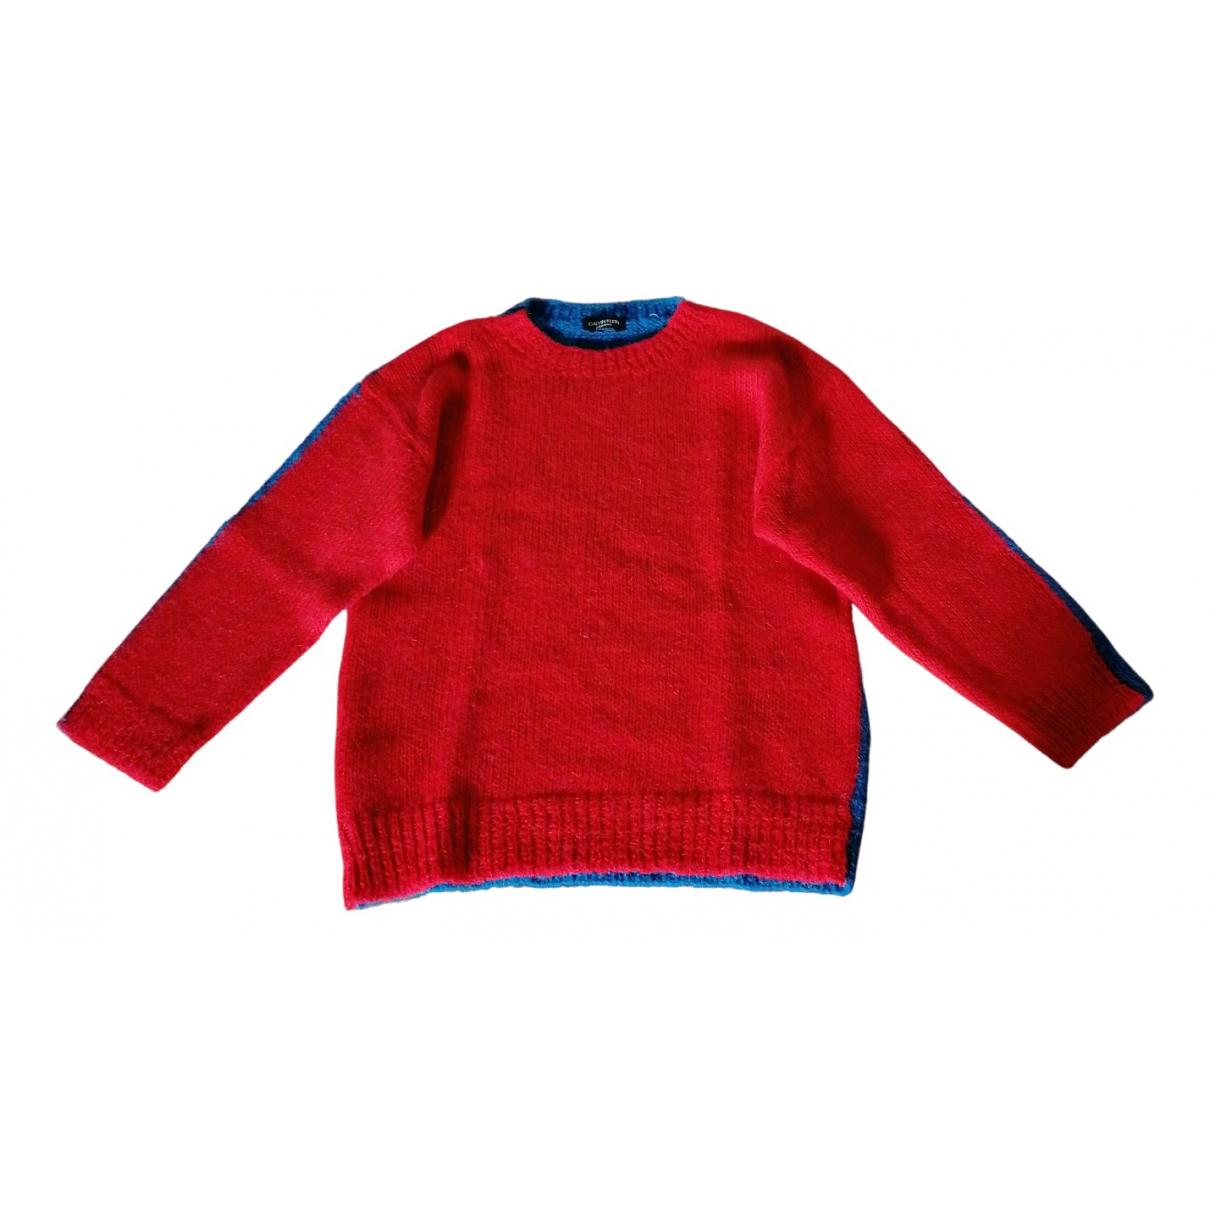 Calvin Klein 205w39nyc \N Red Wool Knitwear for Women S International